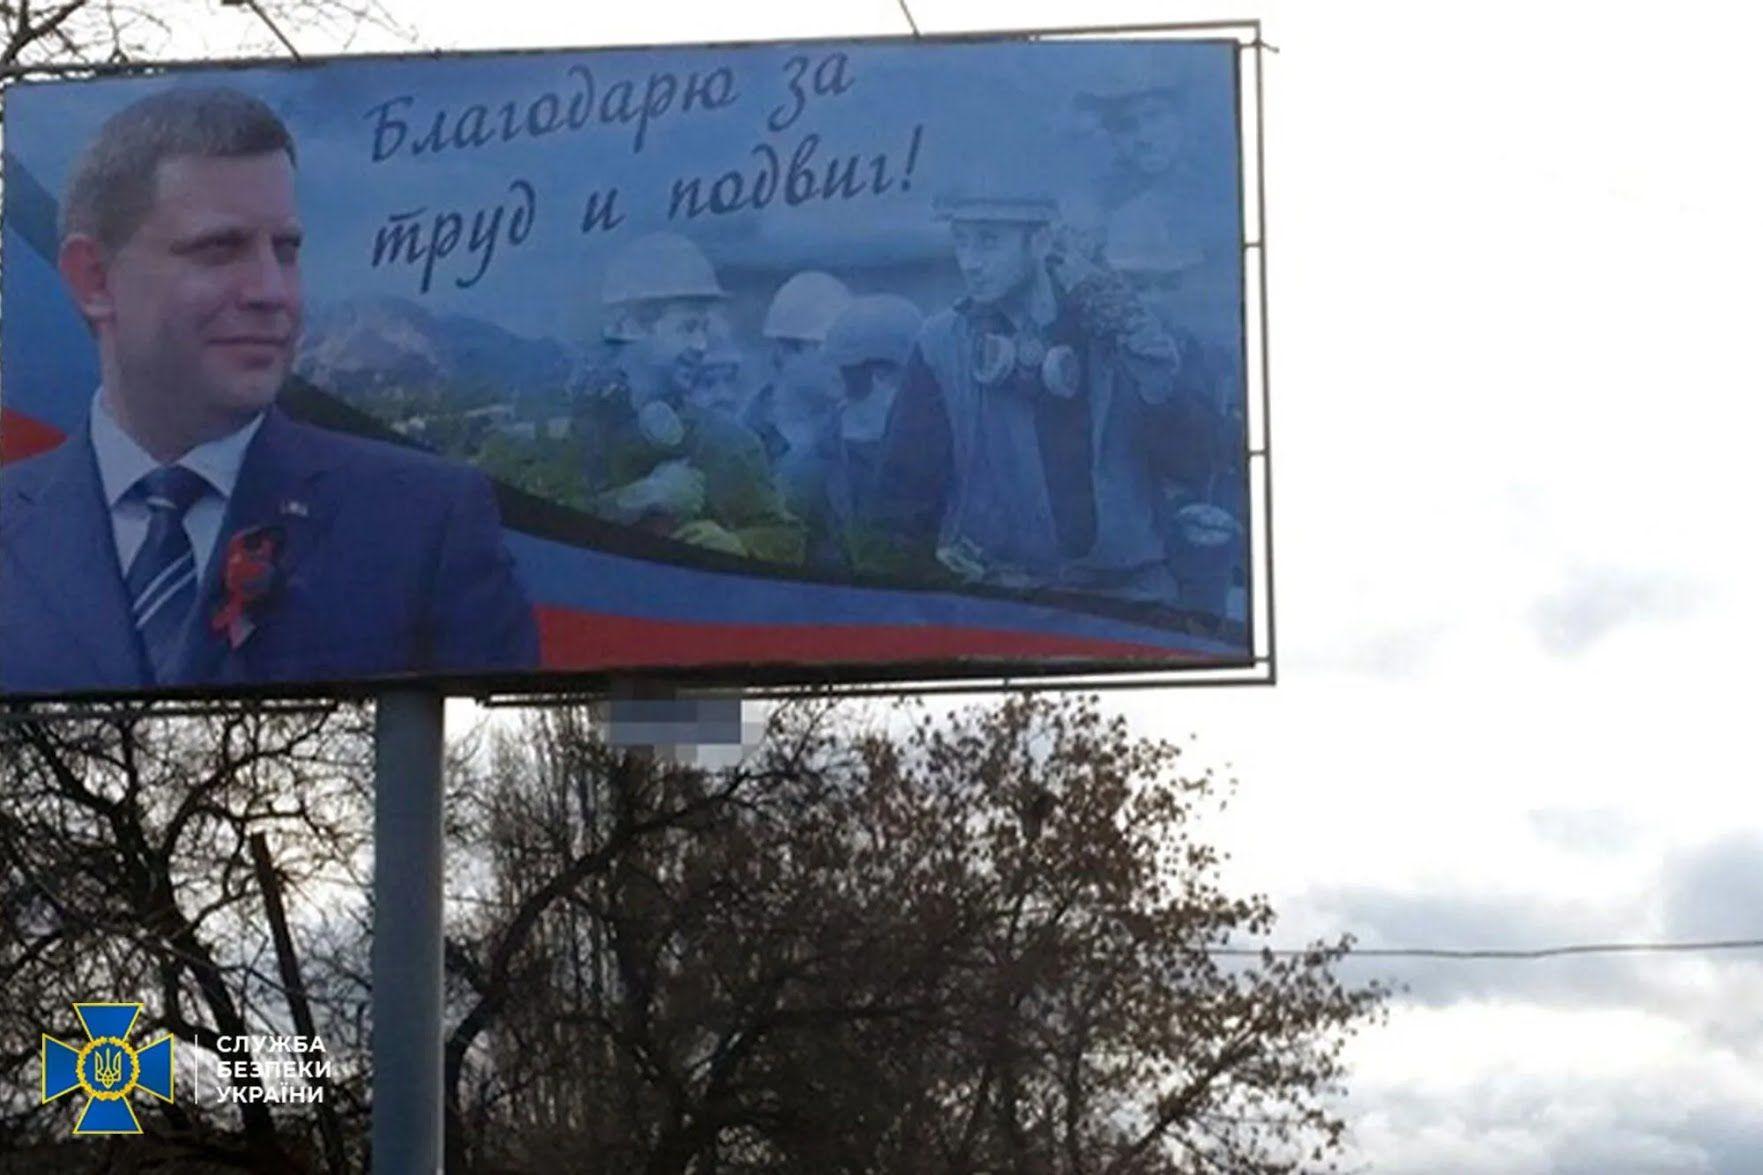 В материалах были явные призывы к расколу и федерализации Украины